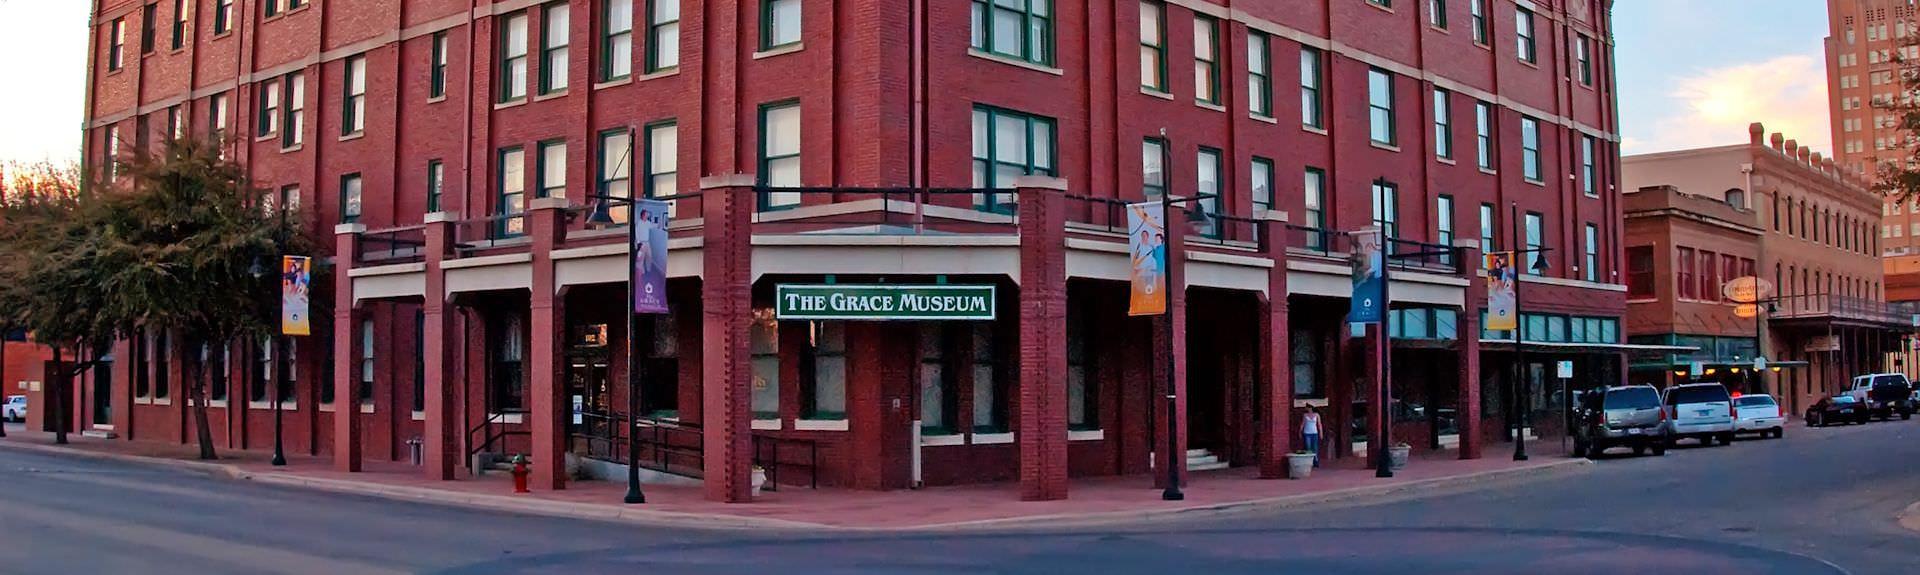 The Grace Museum – Abilene